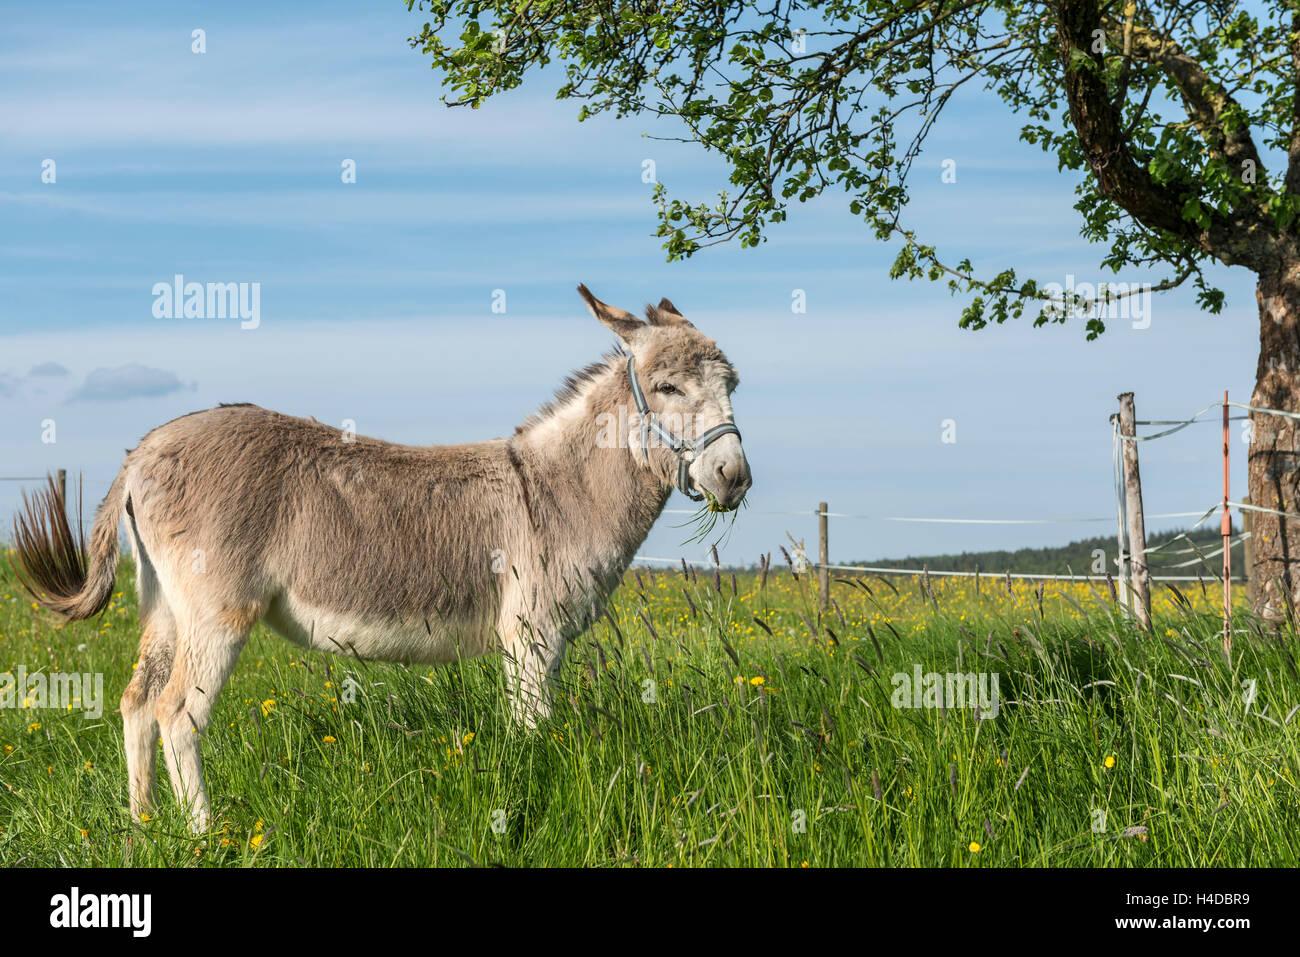 Weiten-Gesäß. Hessen, Germany, domestic donkey on pasture Stock Photo